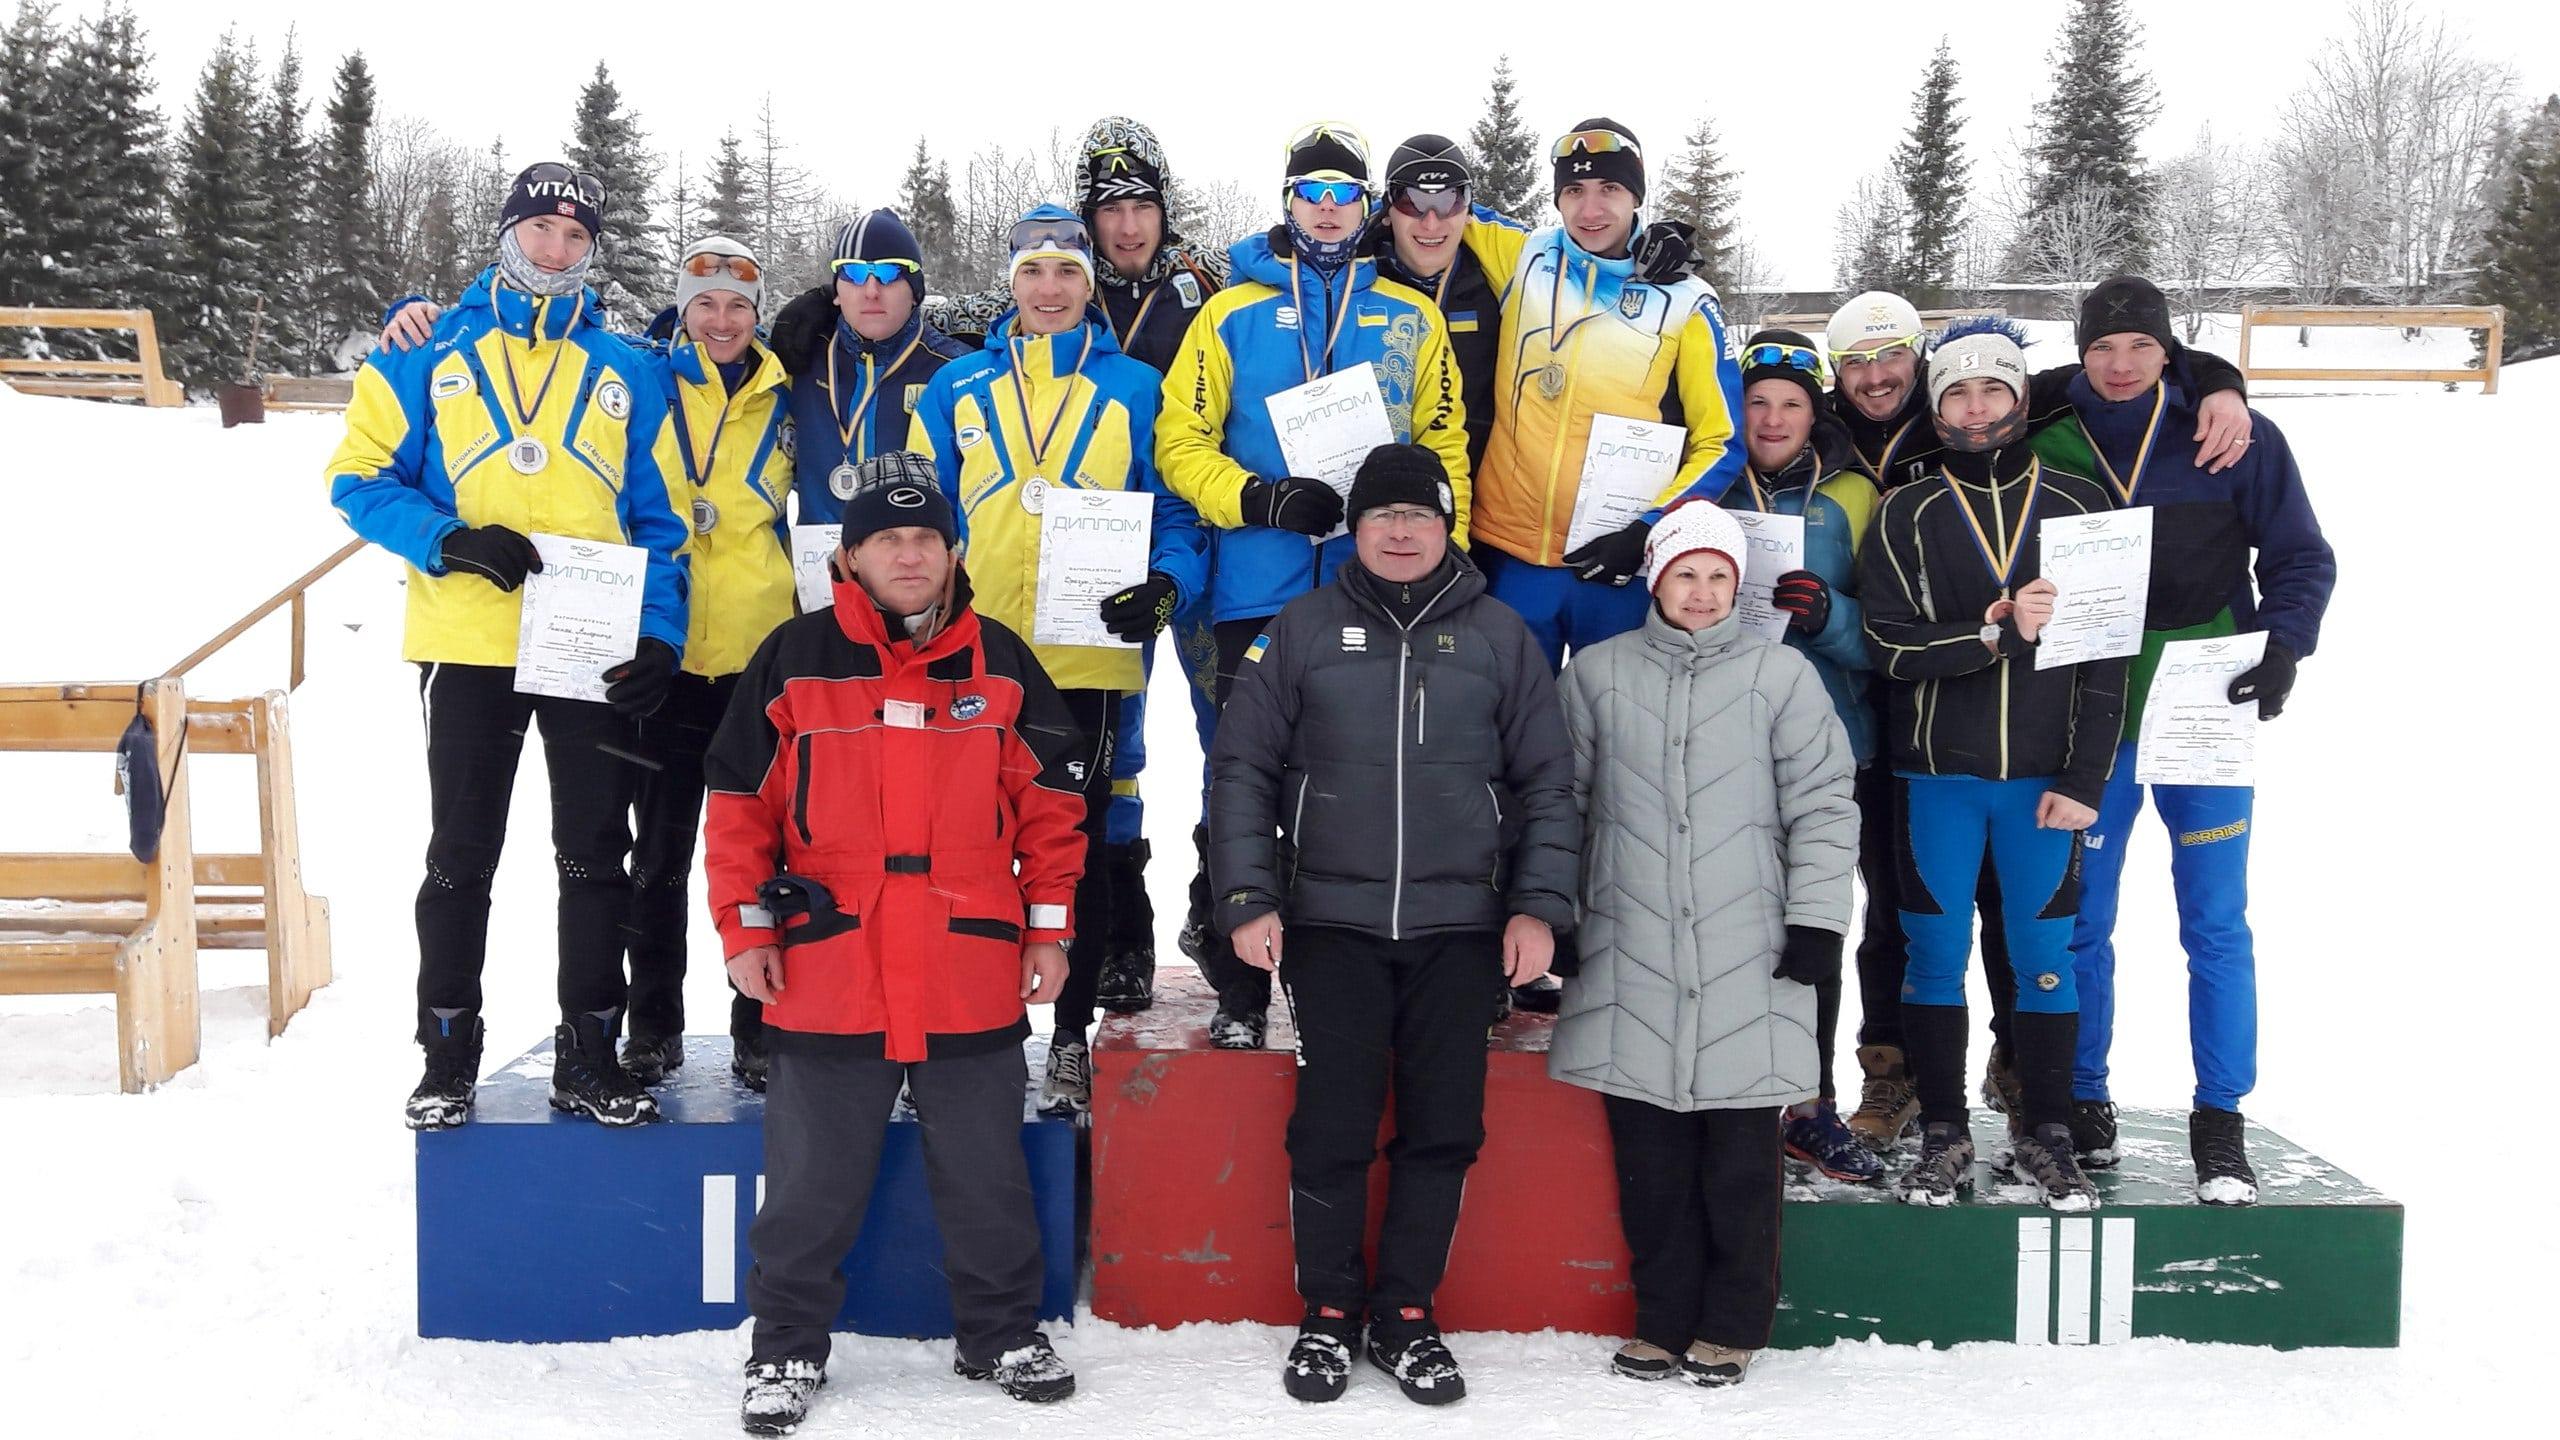 Вітаємо студентів НУФВСУ з успішним виступом на Чемпіонаті України з лижних гонок